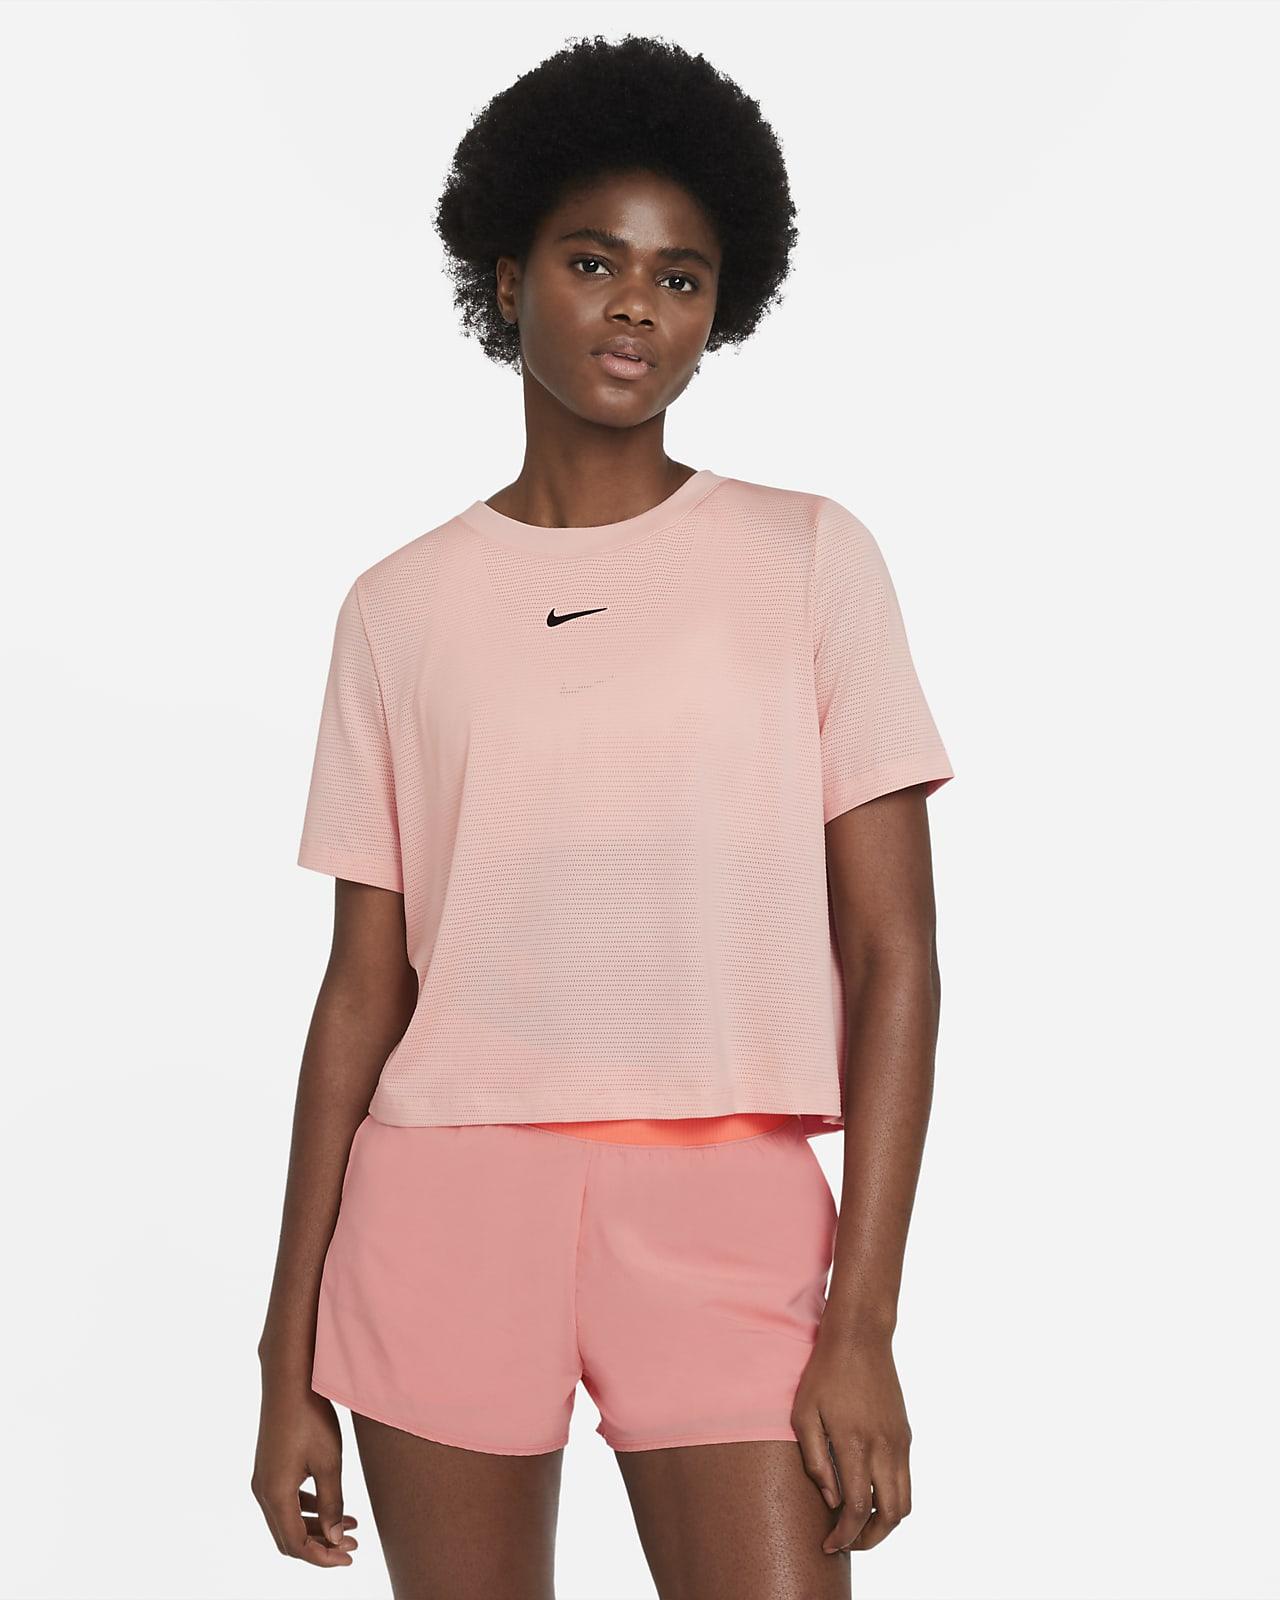 Женская теннисная футболка с коротким рукавом NikeCourt Advantage